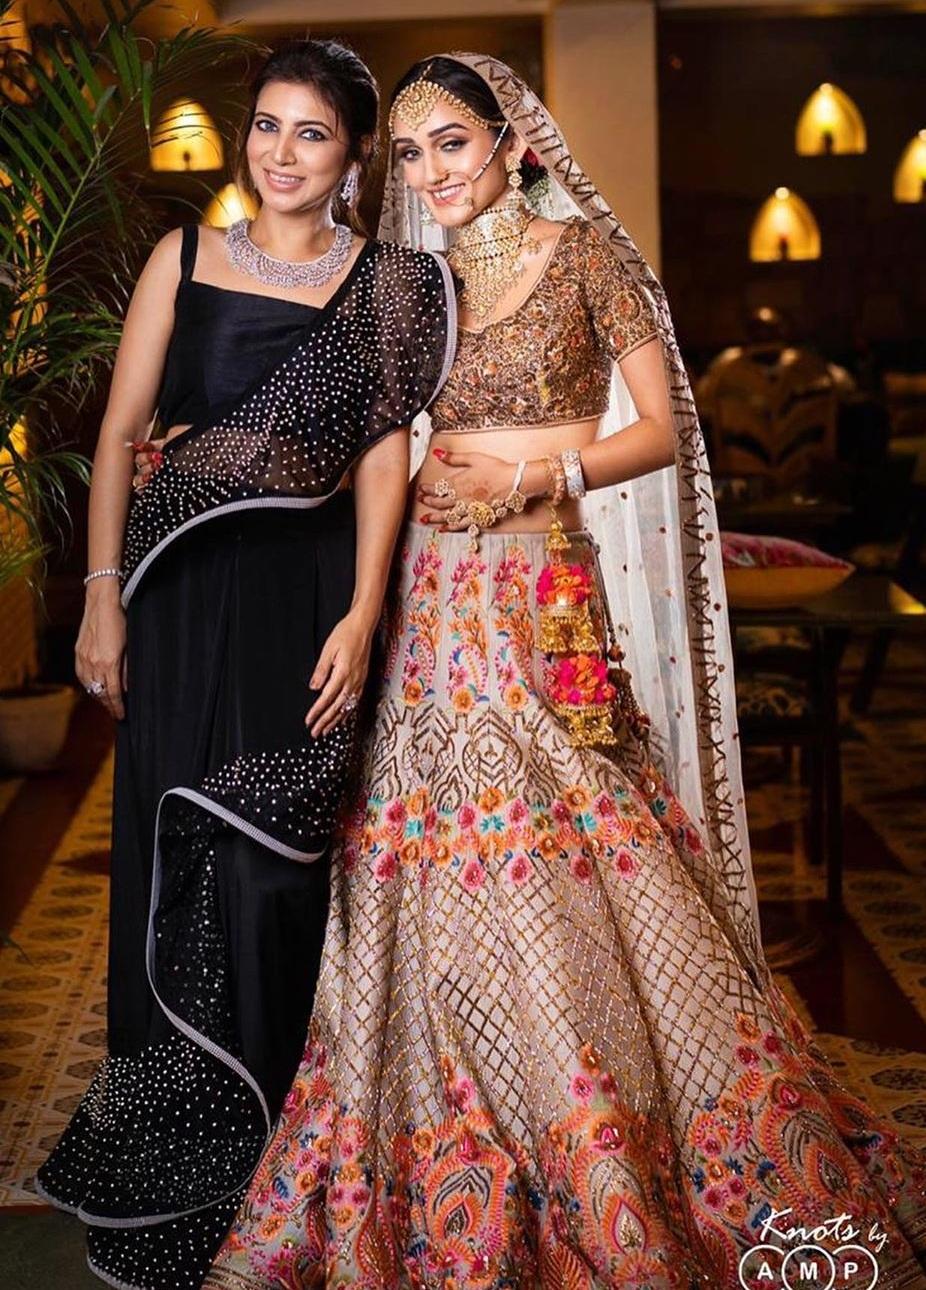 Bollywood Tadka, तान्या मल्हौत्रा इमेज, तान्या मल्हौत्रा फोटो, तान्या मल्हौत्रा पिक्चर